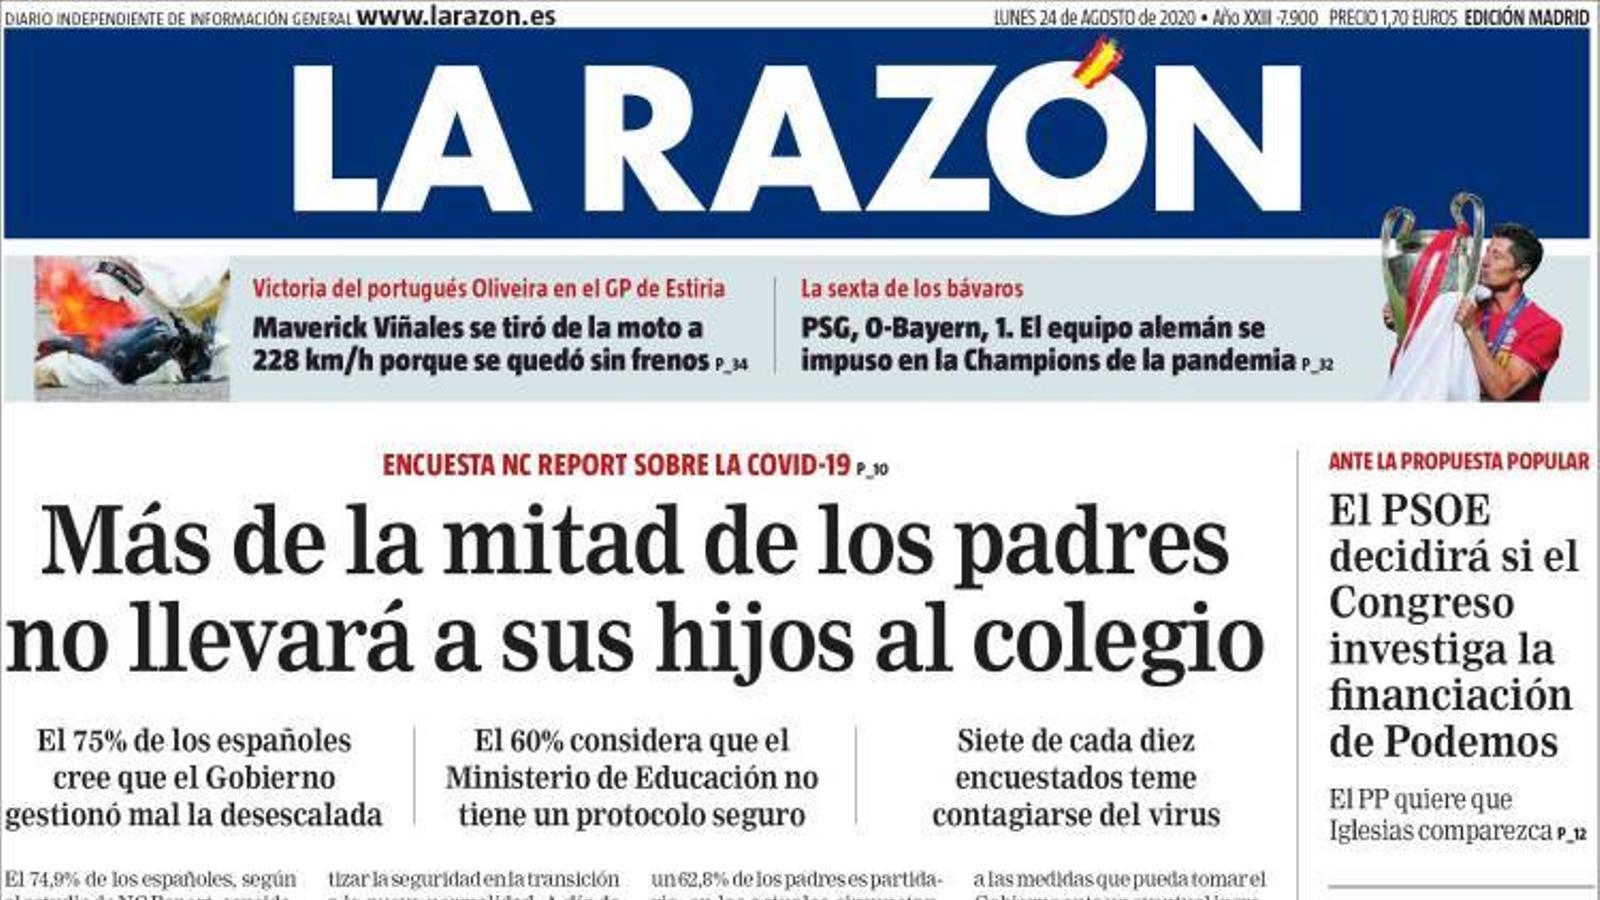 Portada de La Razón, 24 d'agost del 2020